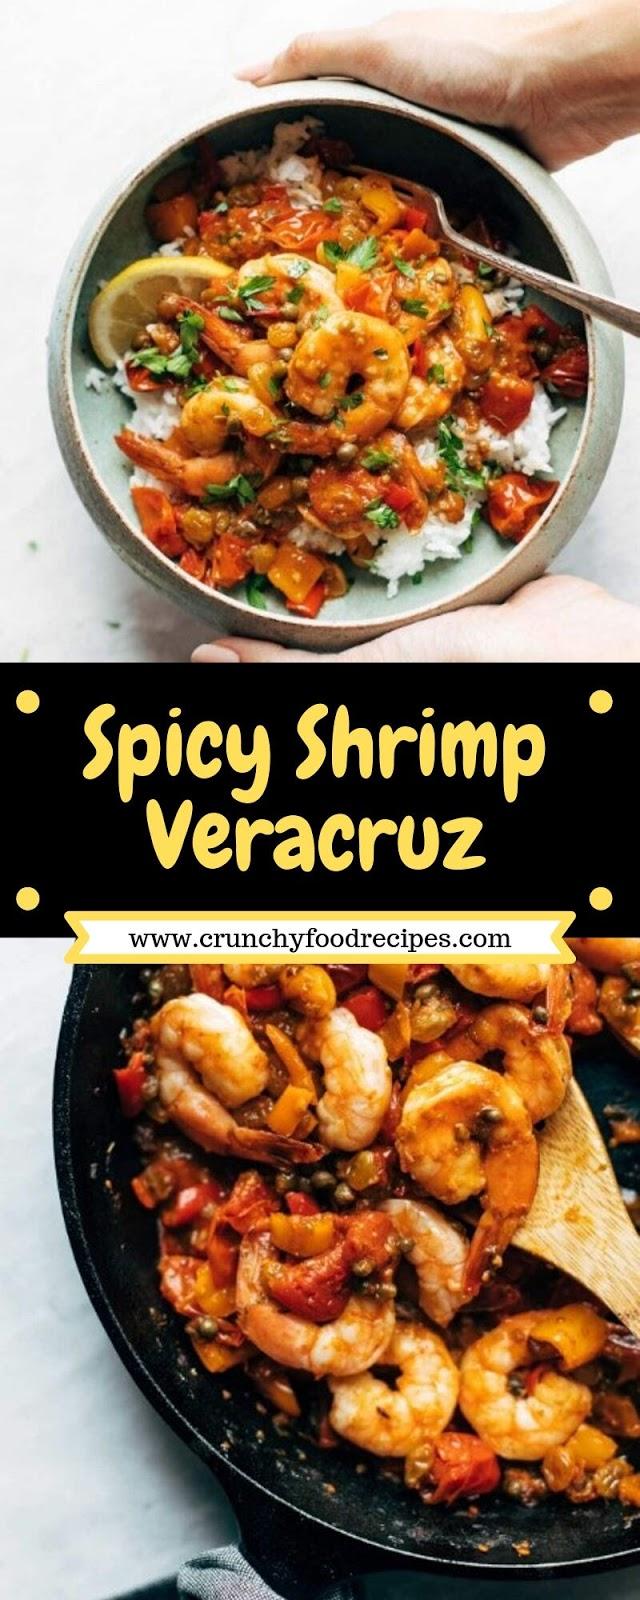 Spicy Shrimp Veracruz